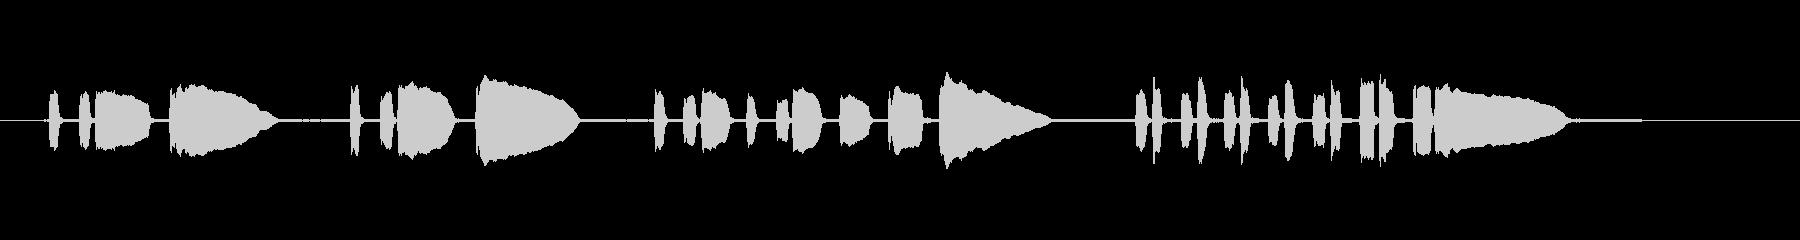 ビューグルクォーター-軍事、ビュー...の未再生の波形